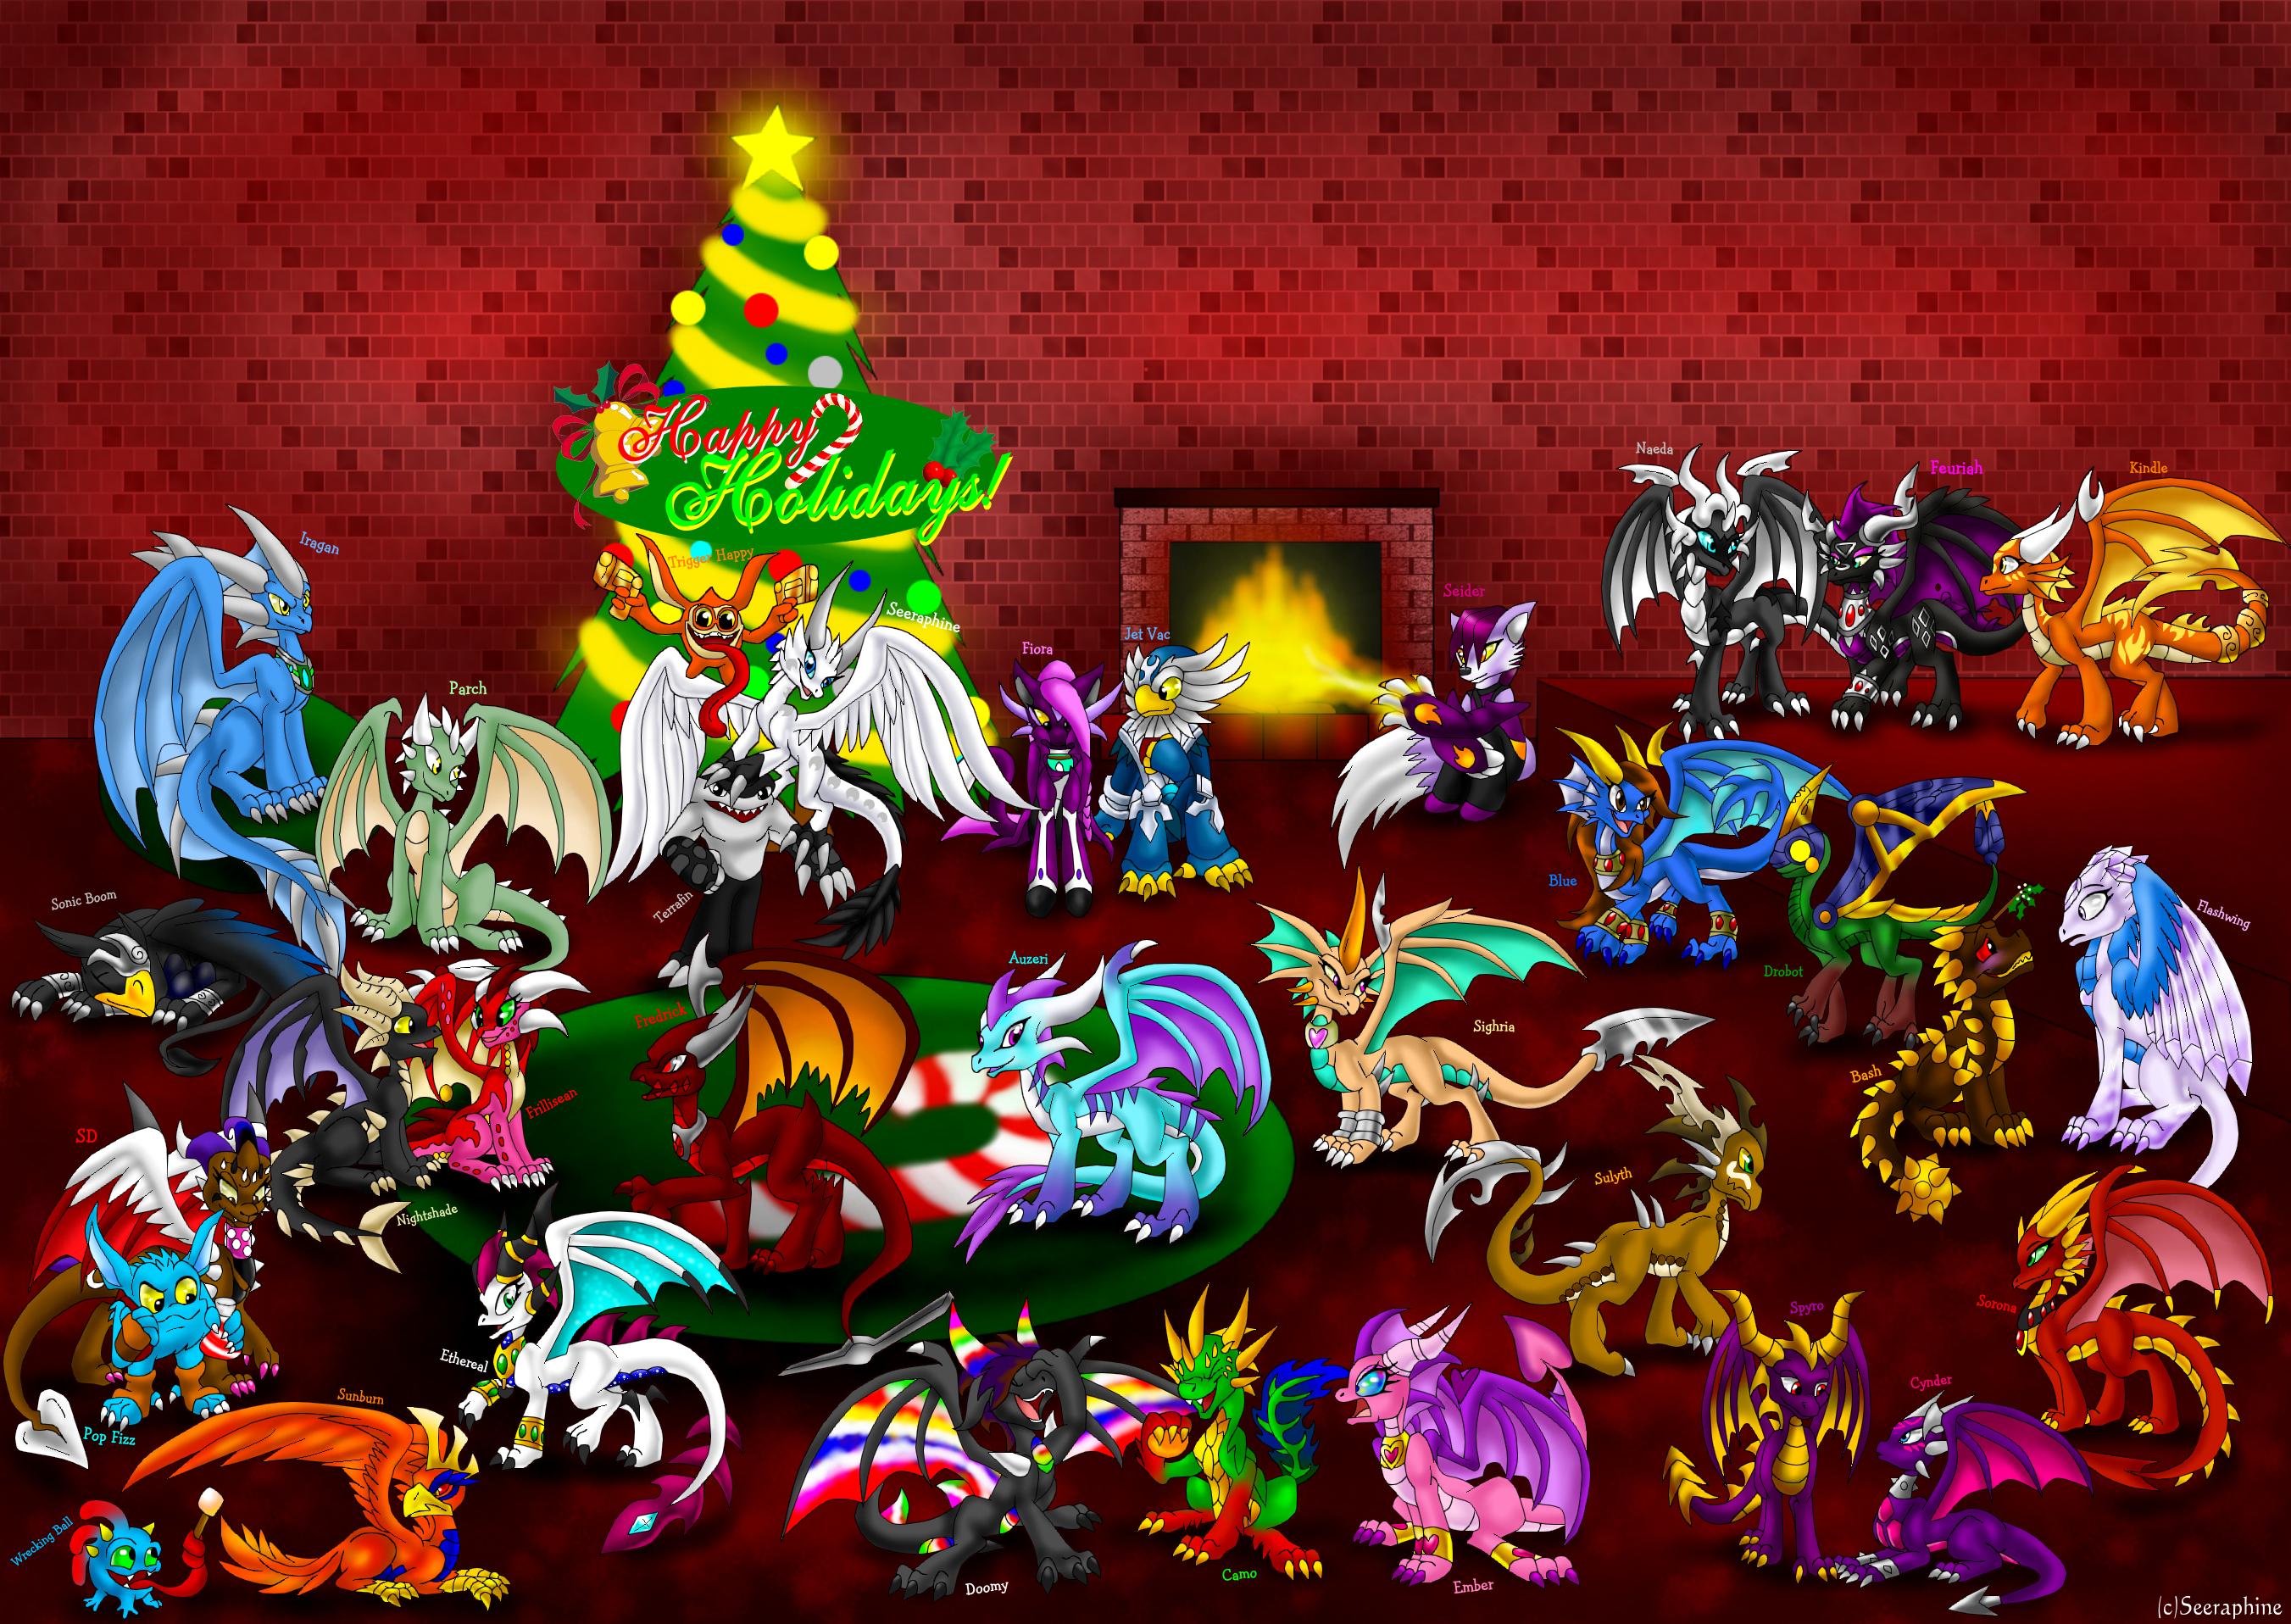 A Skylanders Christmas by Seeraphine on DeviantArt